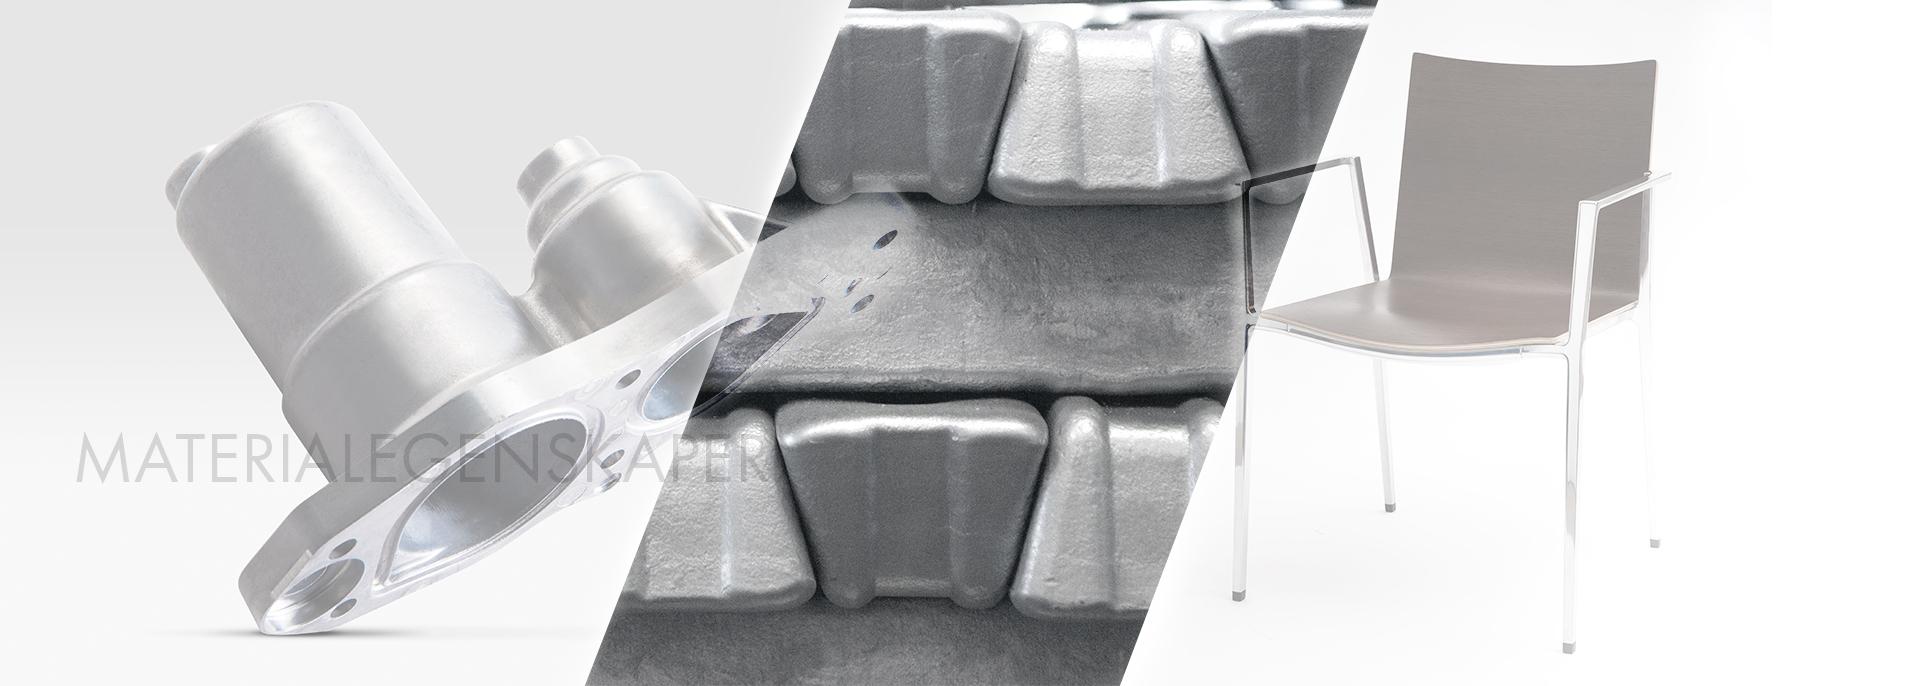 Materialegenskaper för de mest förekommande materialen ( ENAB 46000, ENAB 44300 och Stenal 460 ) som vi använder till pressgjutning i aluminium.